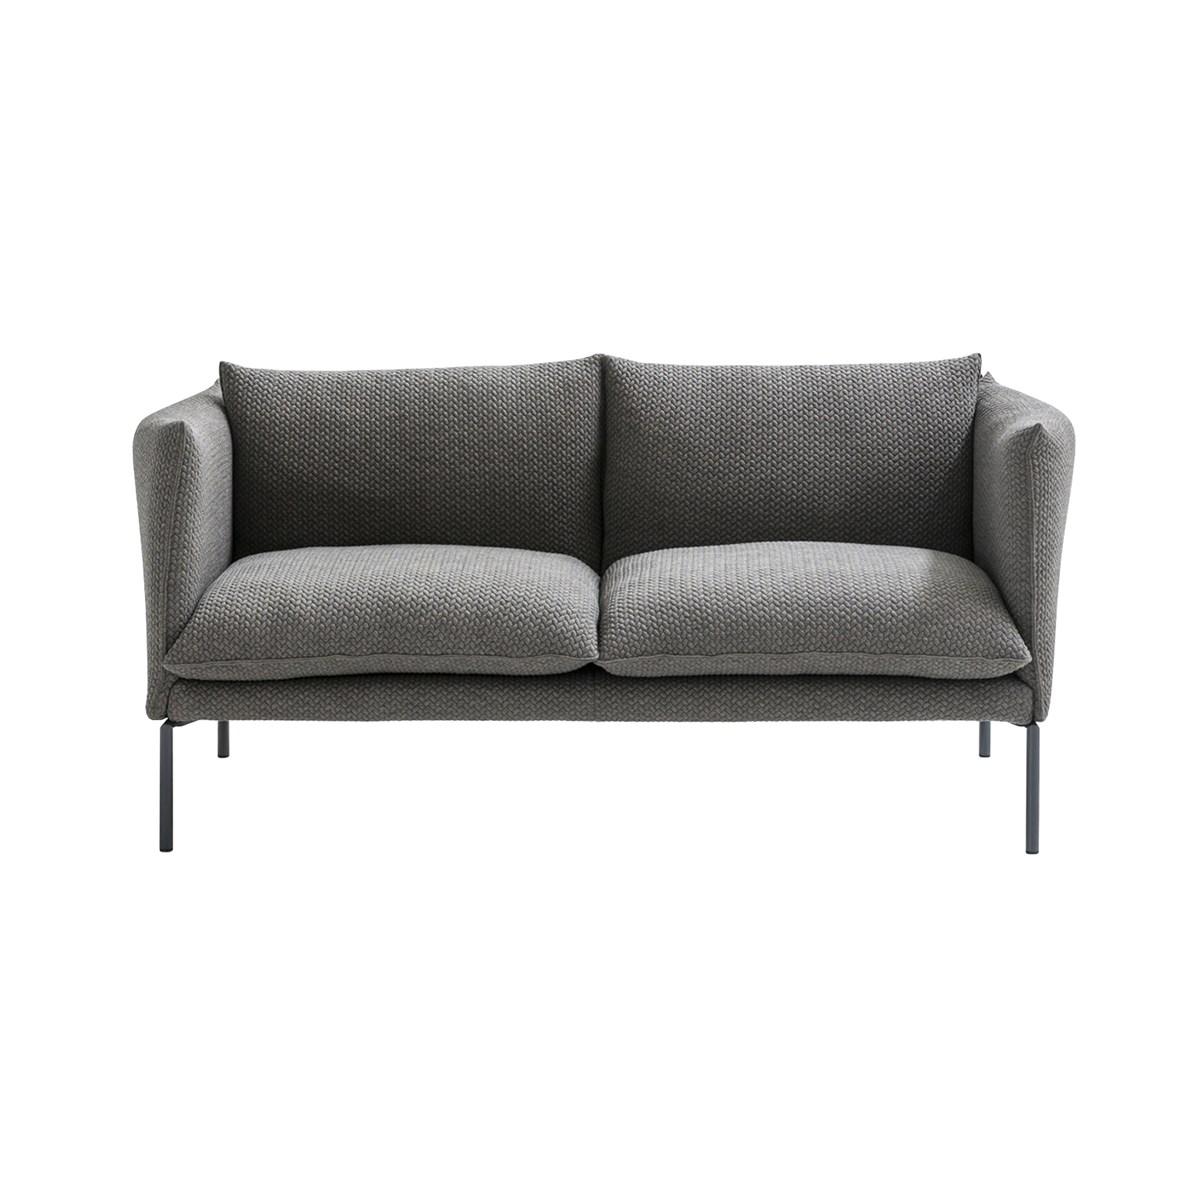 Moroso-Patricia-UrquiolaGentry-Extra-Light-Sofa-Matisse-1